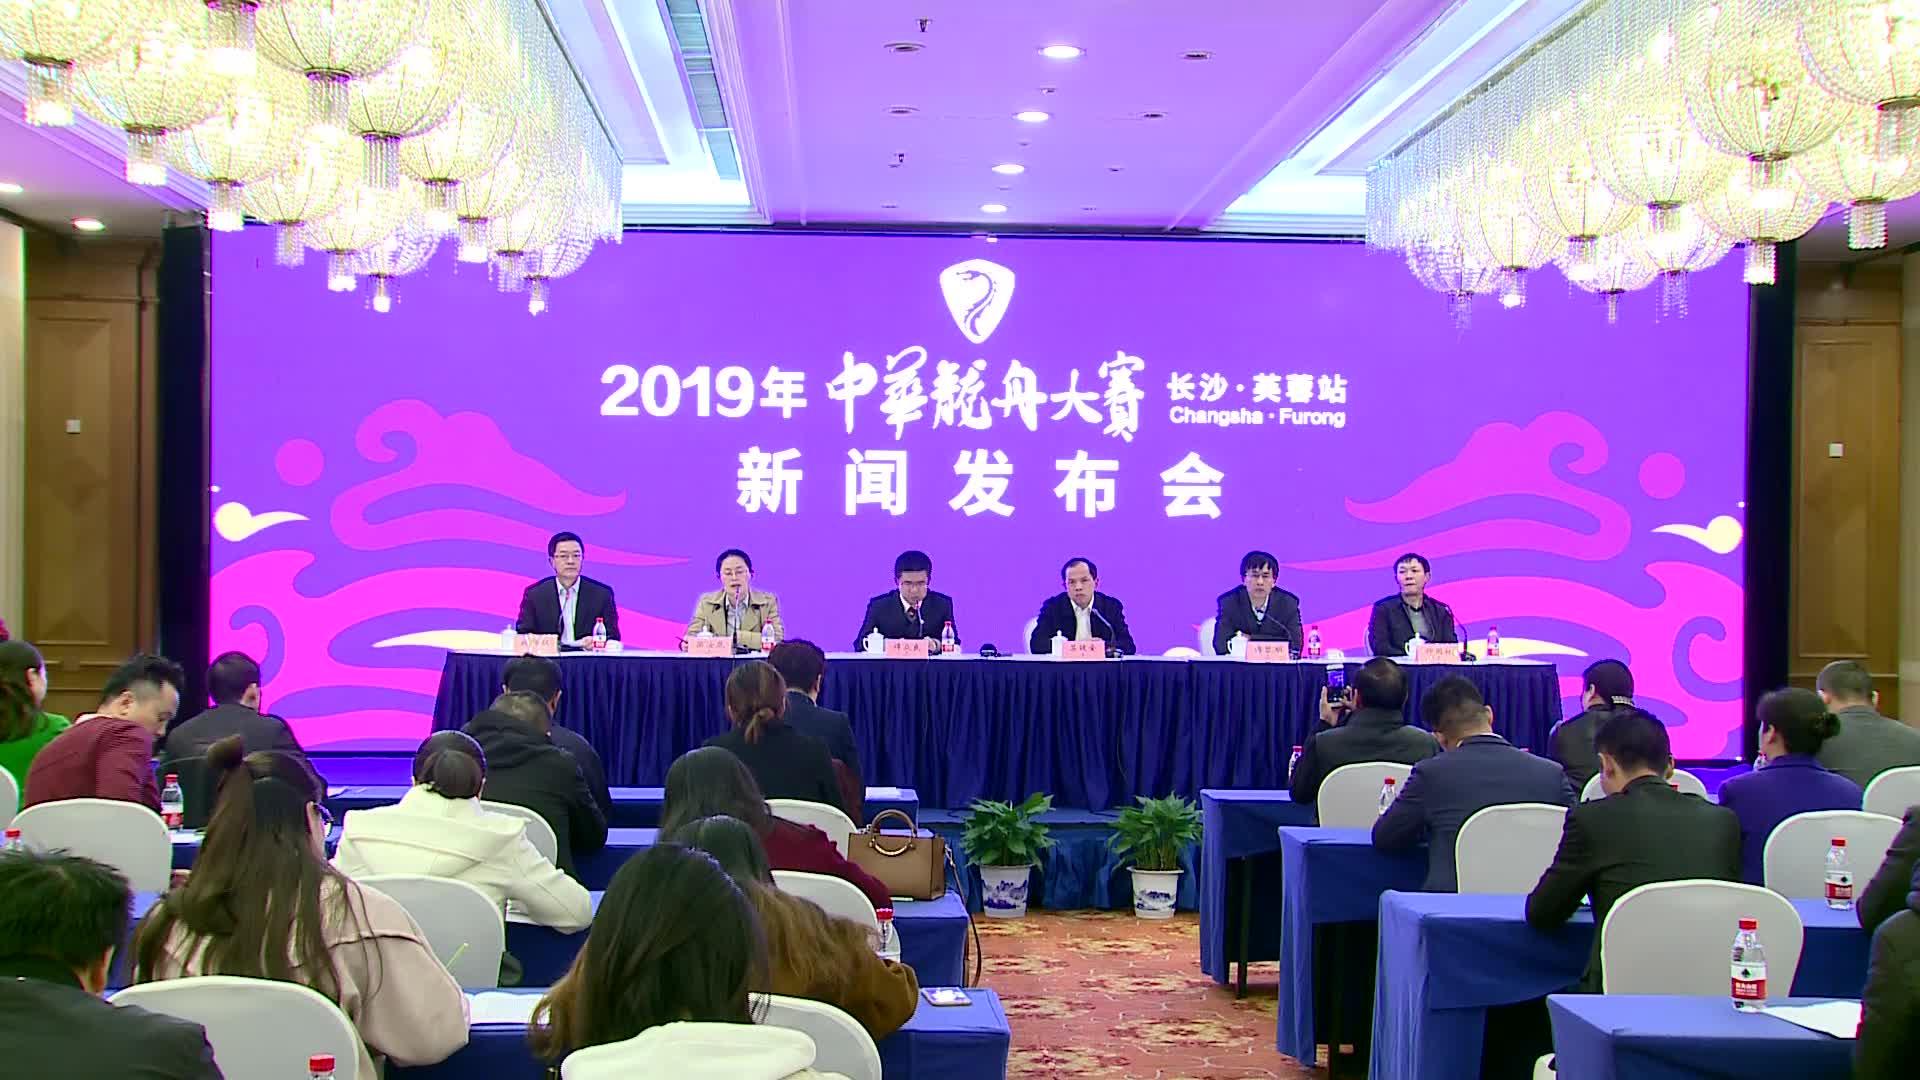 【全程回放】2019年中华龙舟大赛(长沙·芙蓉站)新闻发布会